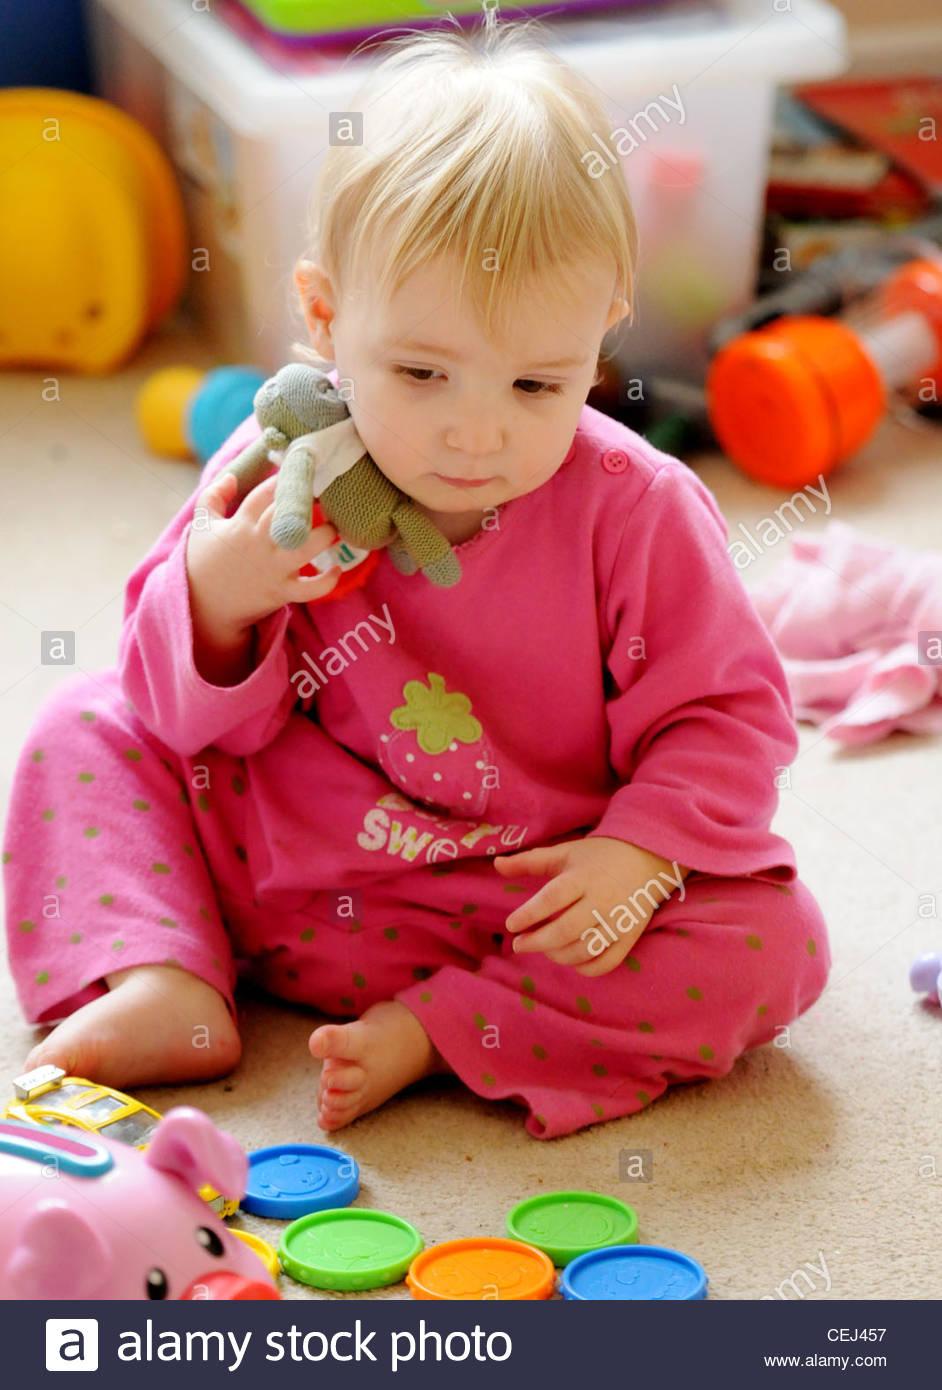 Un Bébé Joue Dans Une Salle De Jeux Avec Une Voiture Et Une intérieur Jeux Voiture Bebe